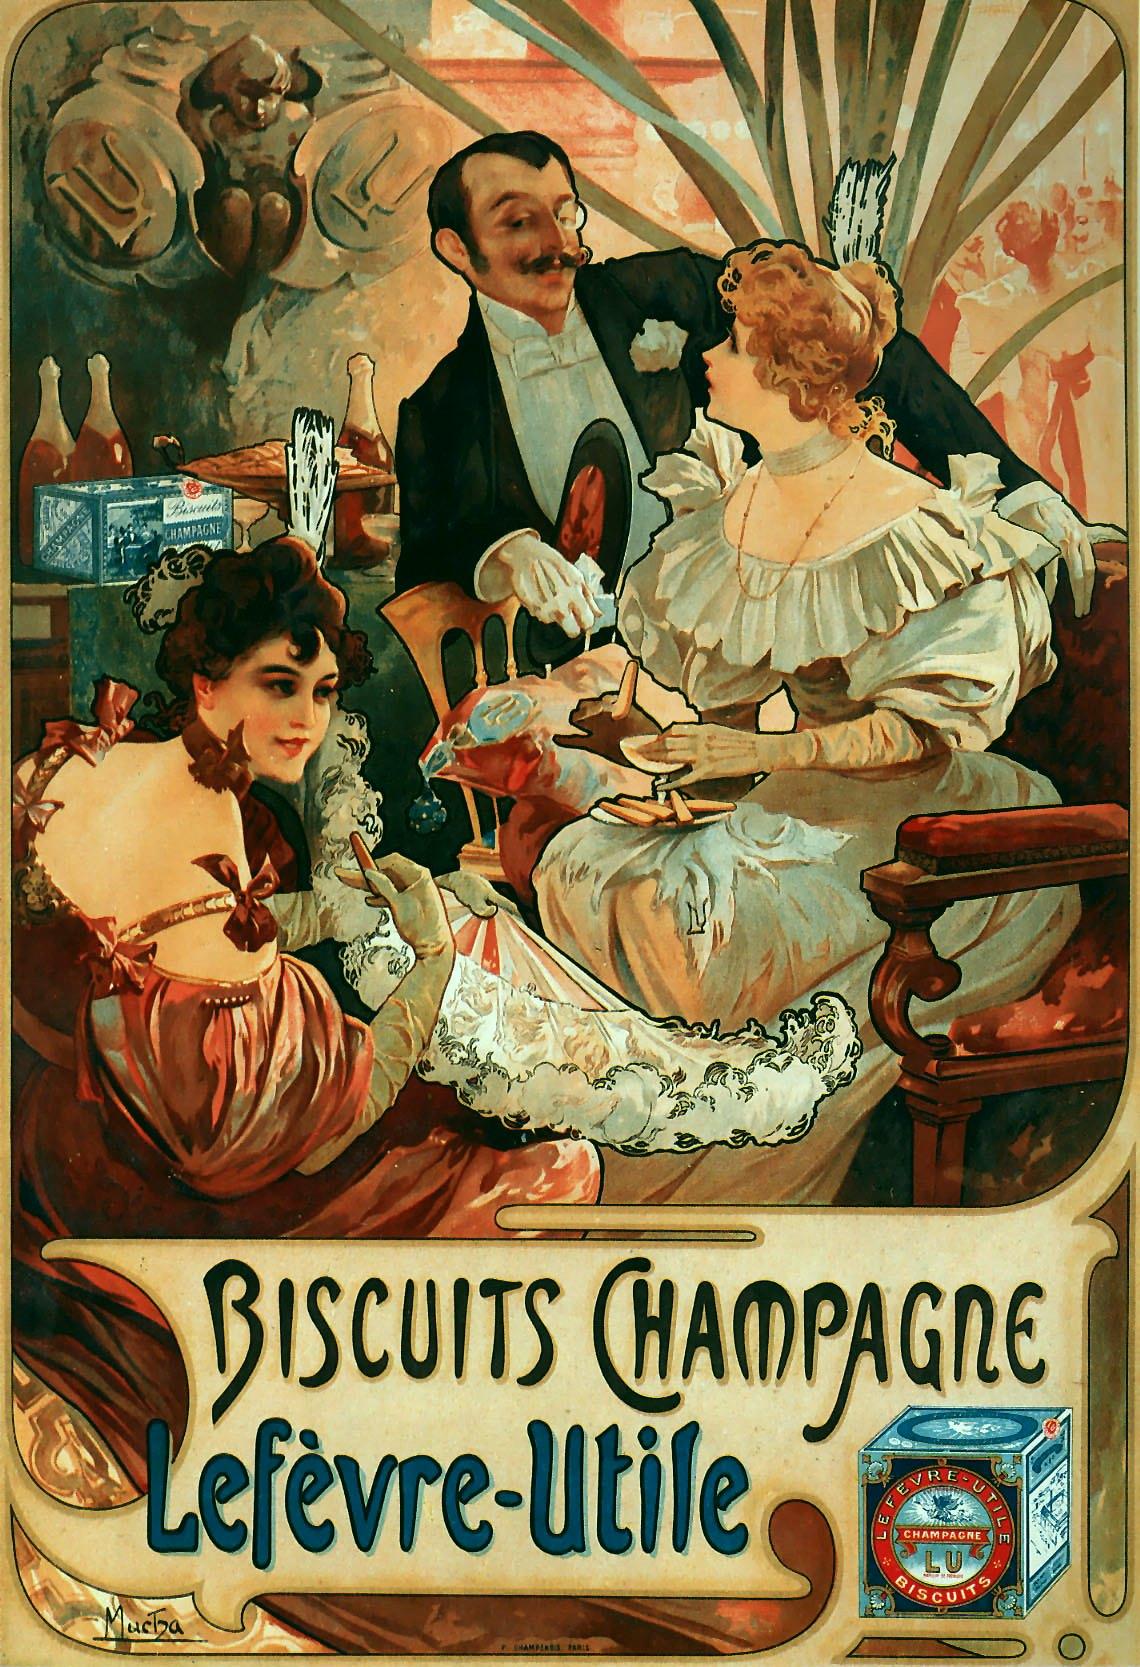 Рекламный плакат печенья и шампанского Lefevre-Utile-1896